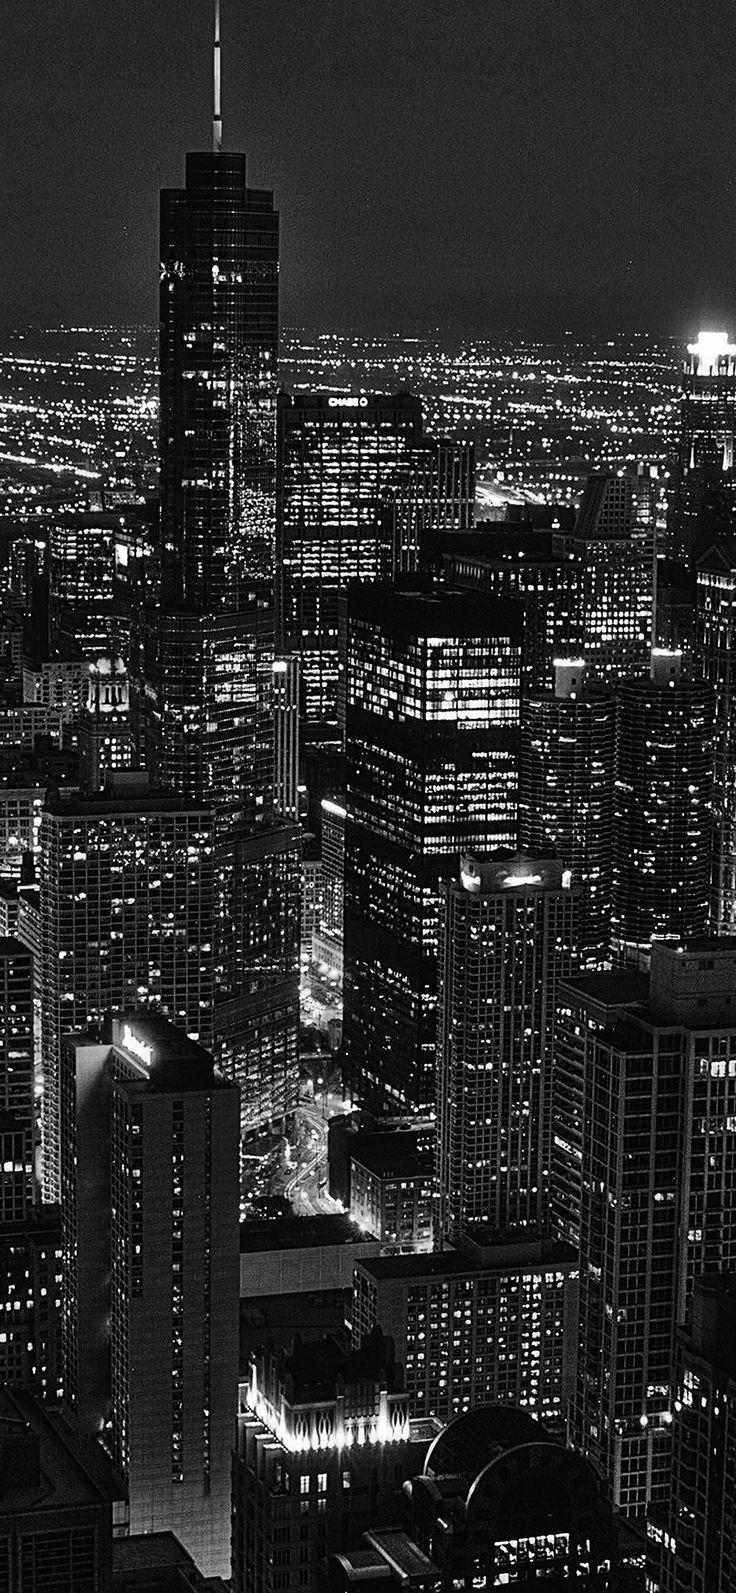 Iphone X Wallpaper Ml84 City View Night Dark Bw Via Iphonexpapers Com Wallpapers For Iphone Dark Background Wallpaper Dark Wallpaper Dark Wallpaper Iphone